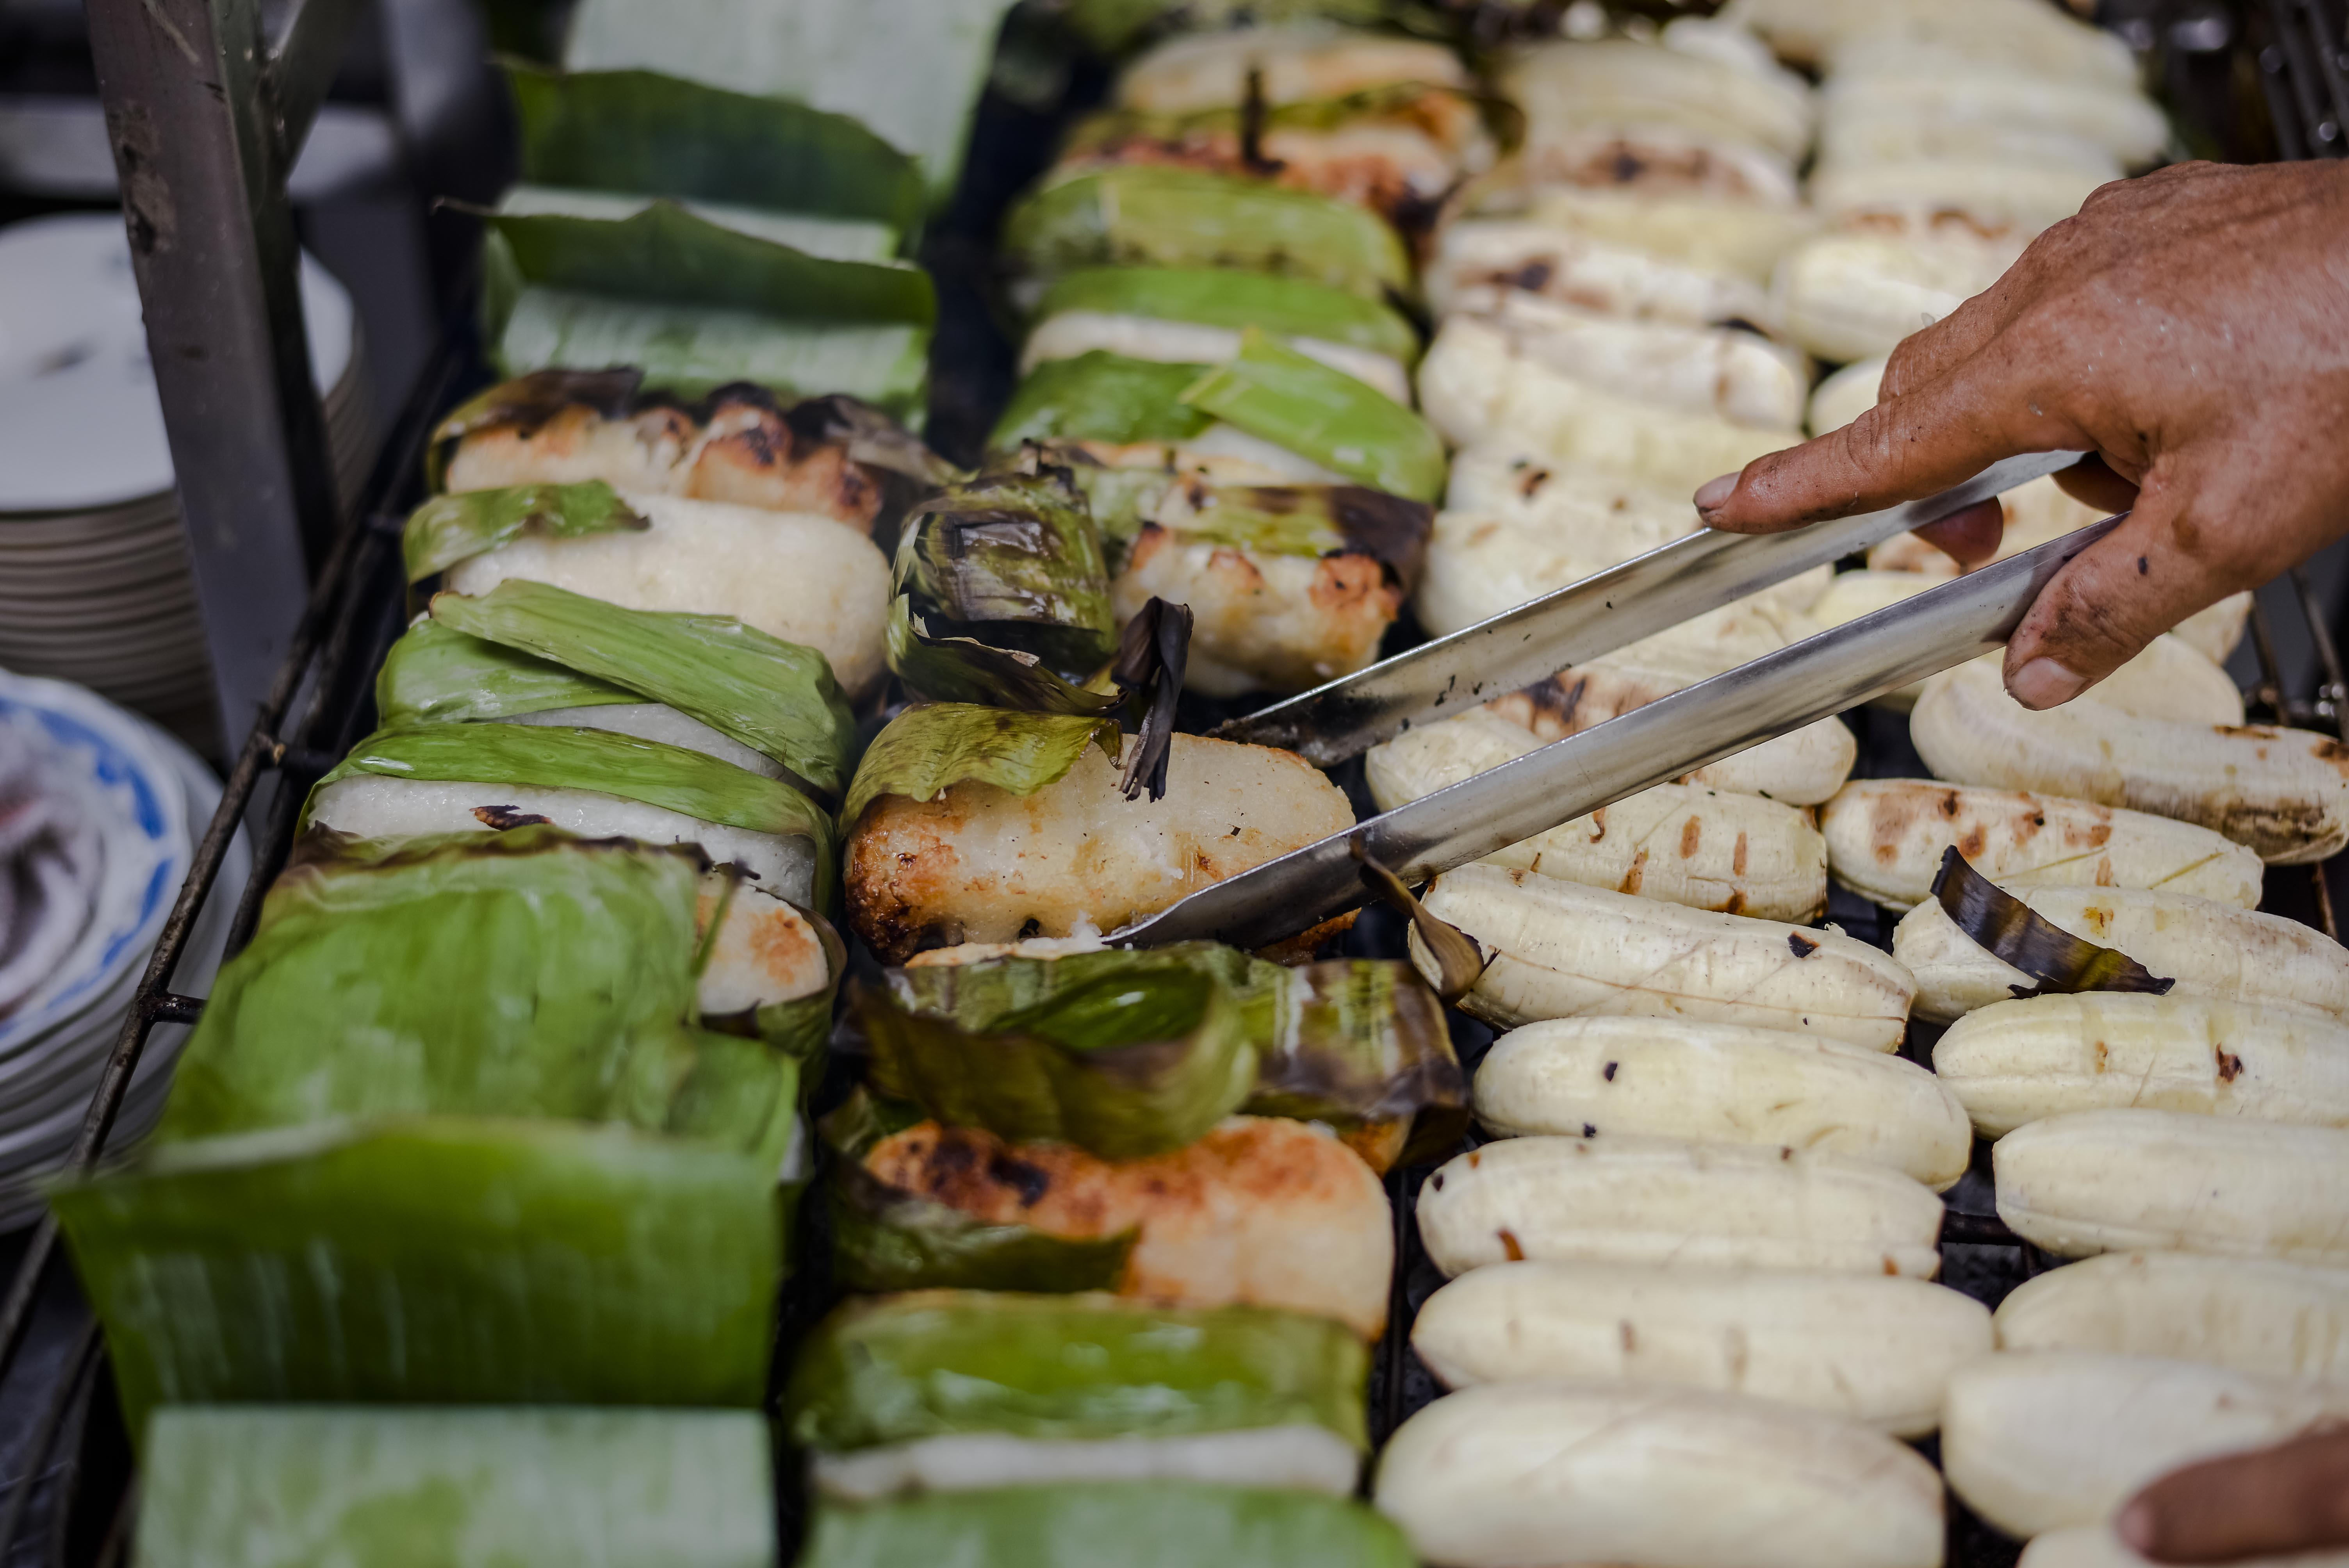 Grilled bananas - saigon specialty